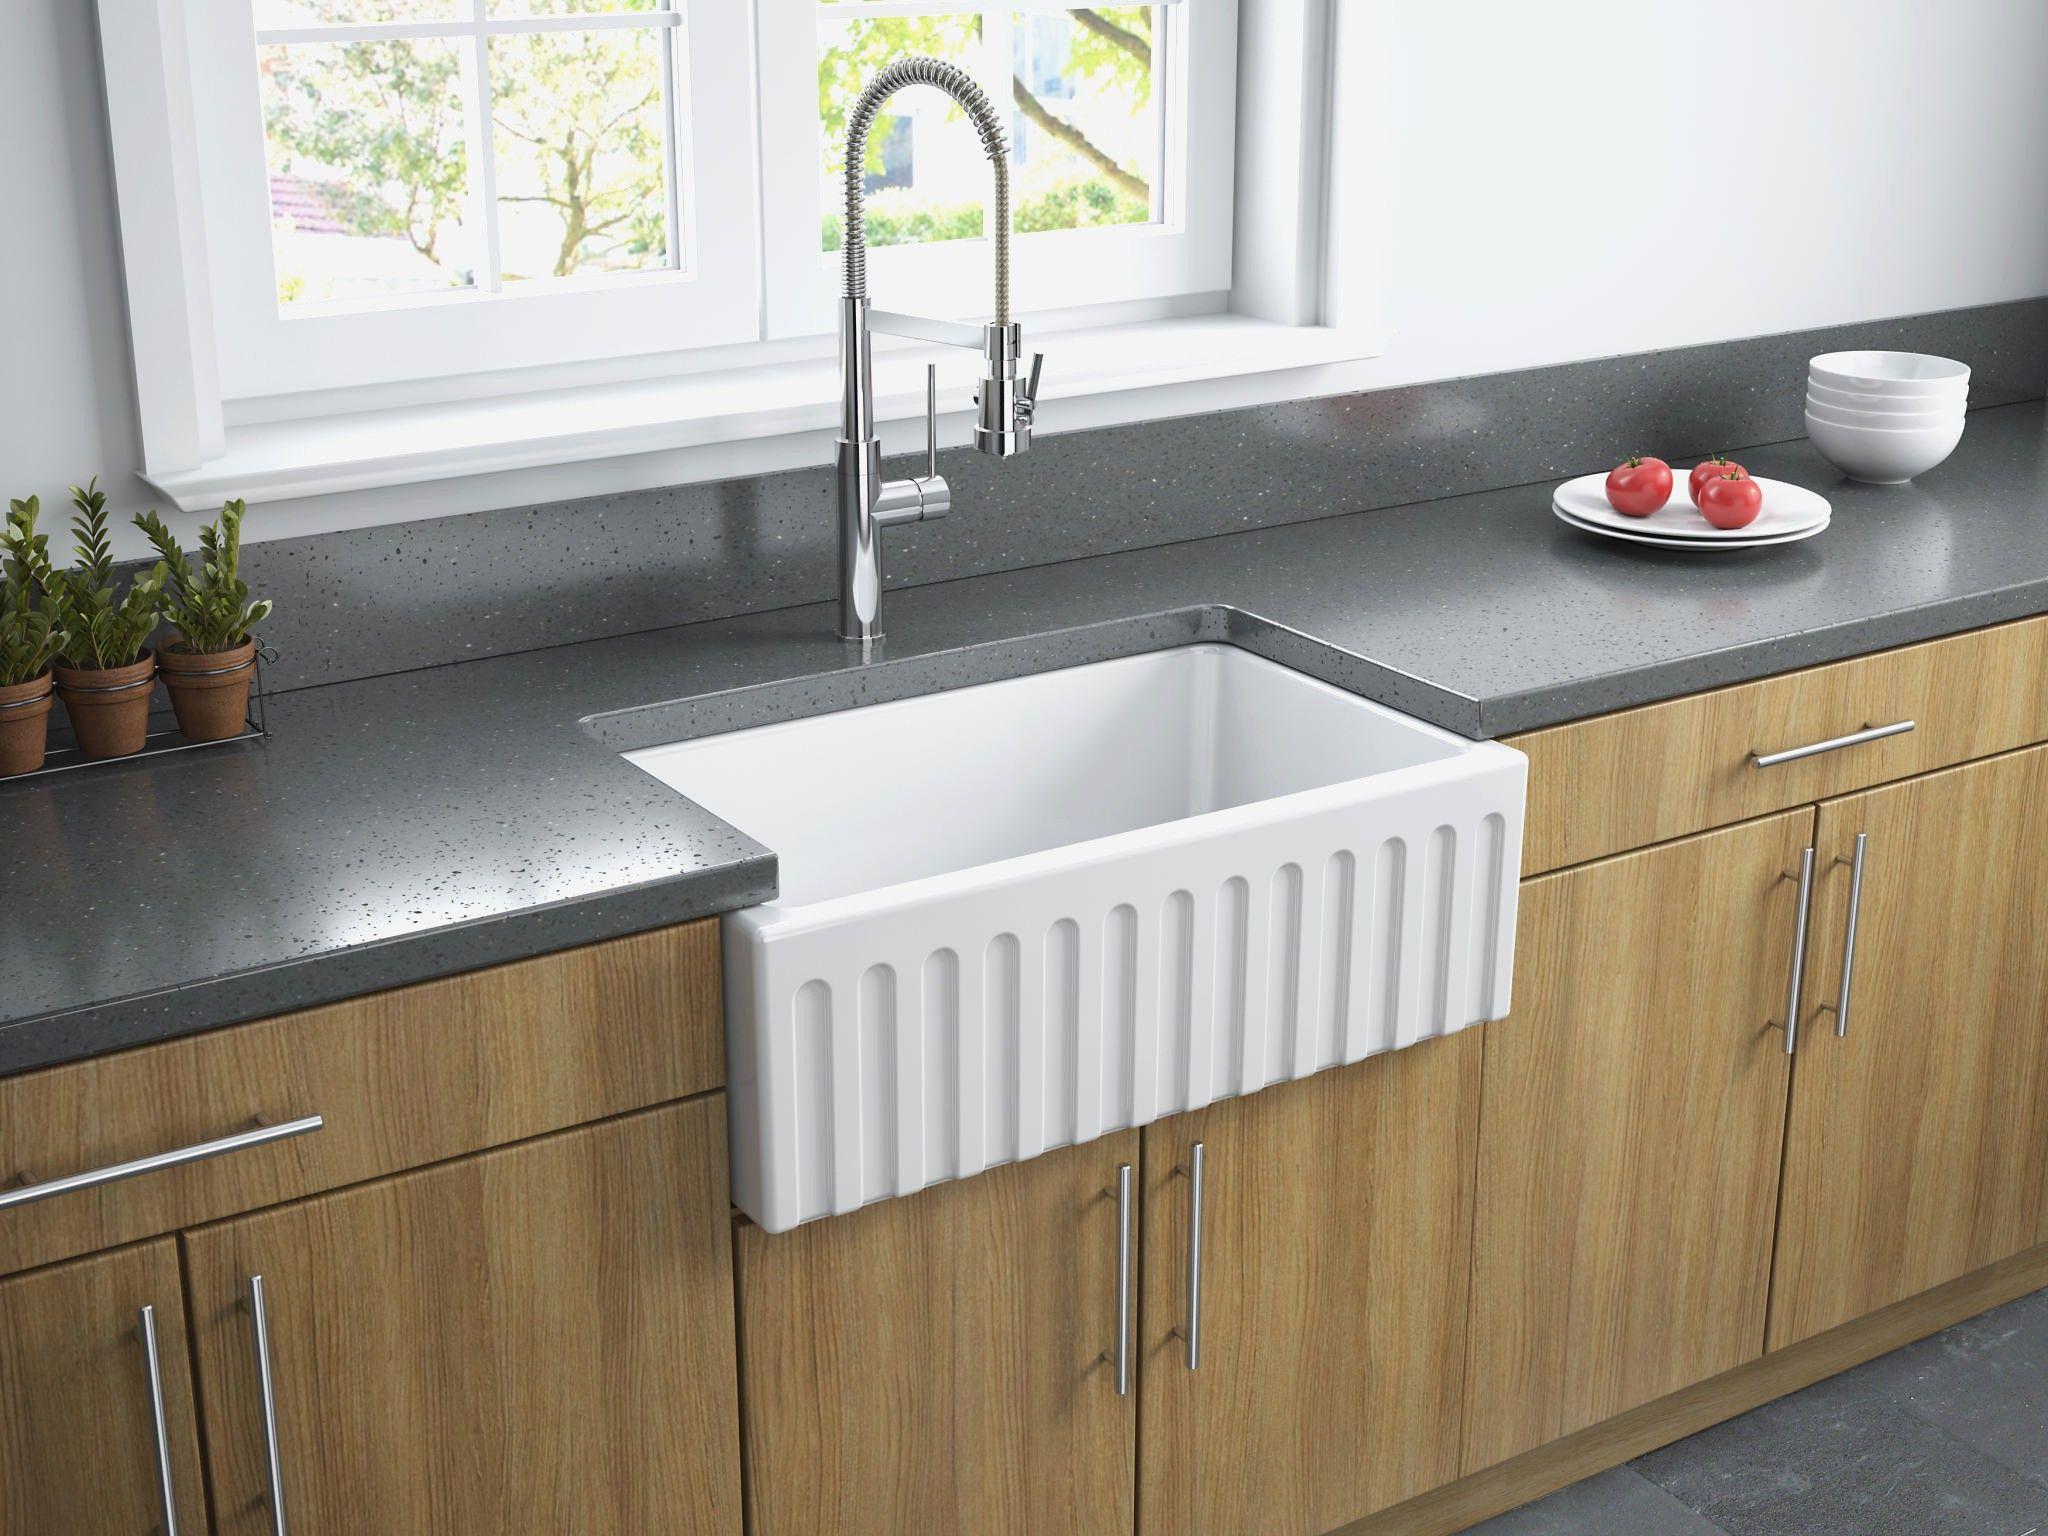 Cool Spulbecken Interieur Idee Kuchen Design Kuchendesign Kuchenumbau